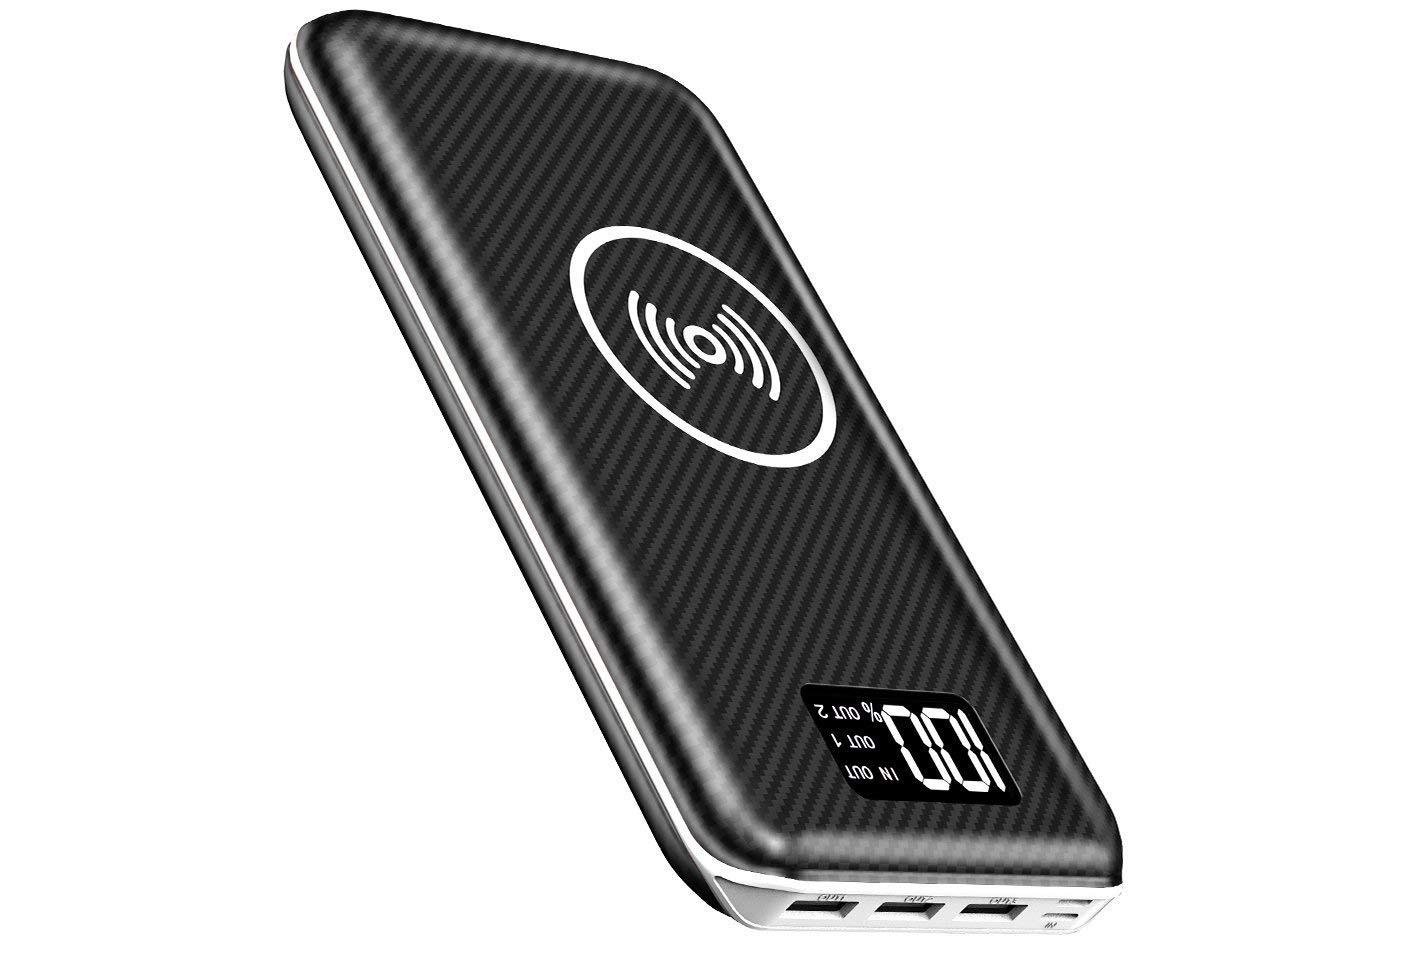 Promo flash : batterie grande capacité (24 000 mAh), recharge induction Qi, entrée Lightning et indicateur numérique de charge 1